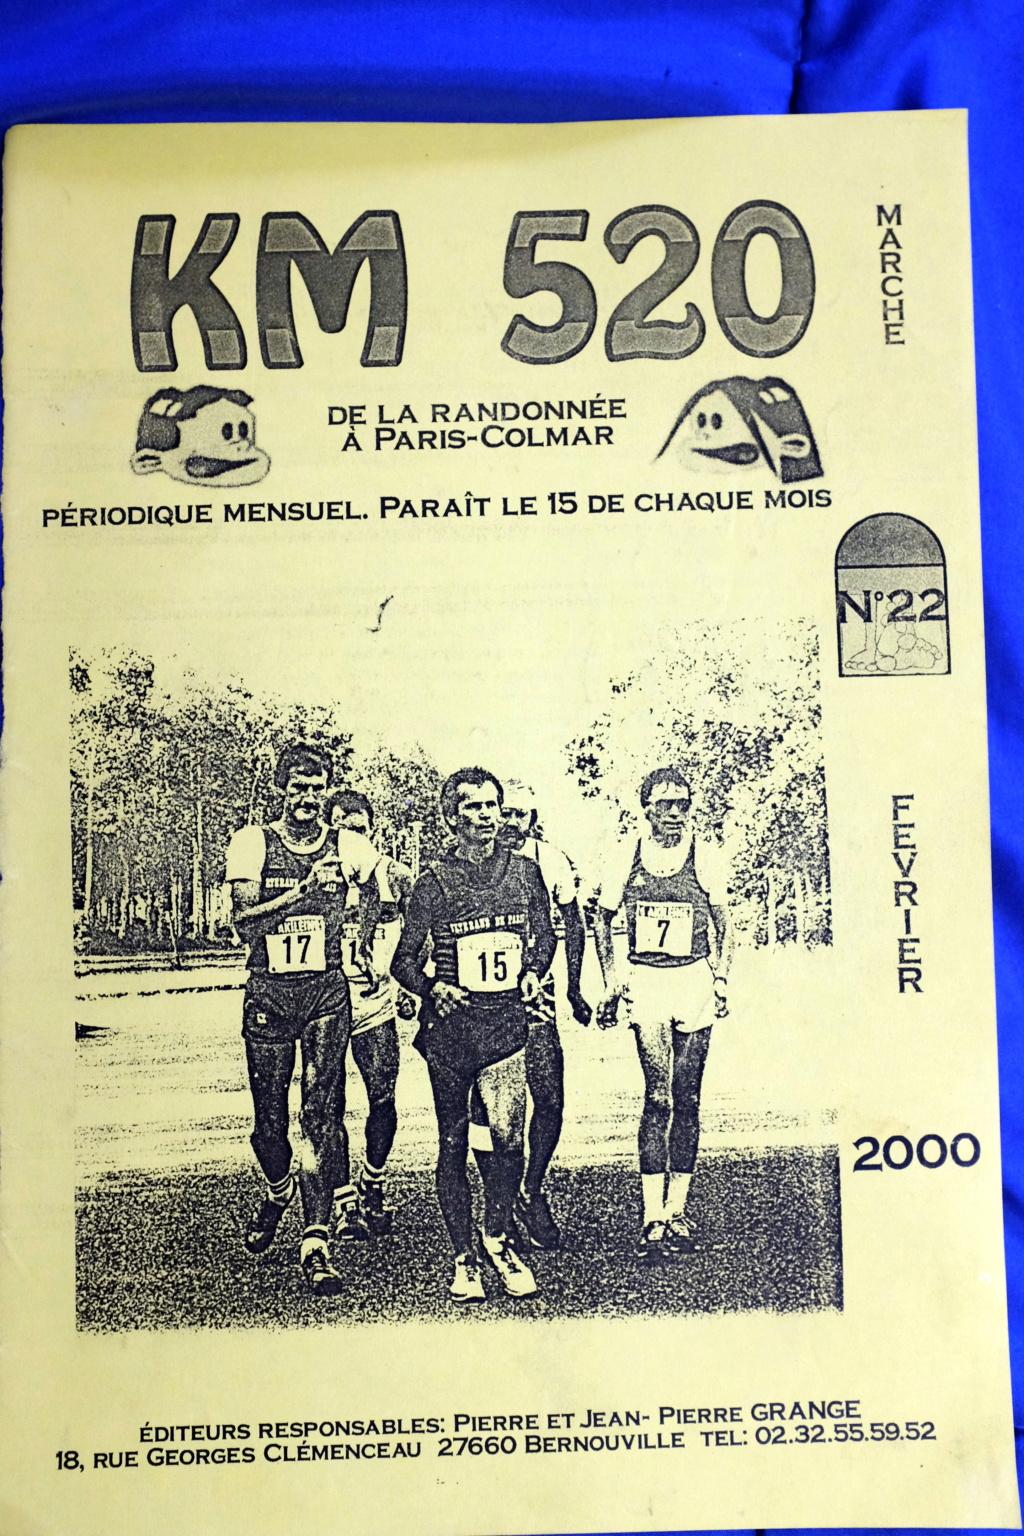 Le KM520 et ses éditos 1998-2009 - Page 2 Dscf0455